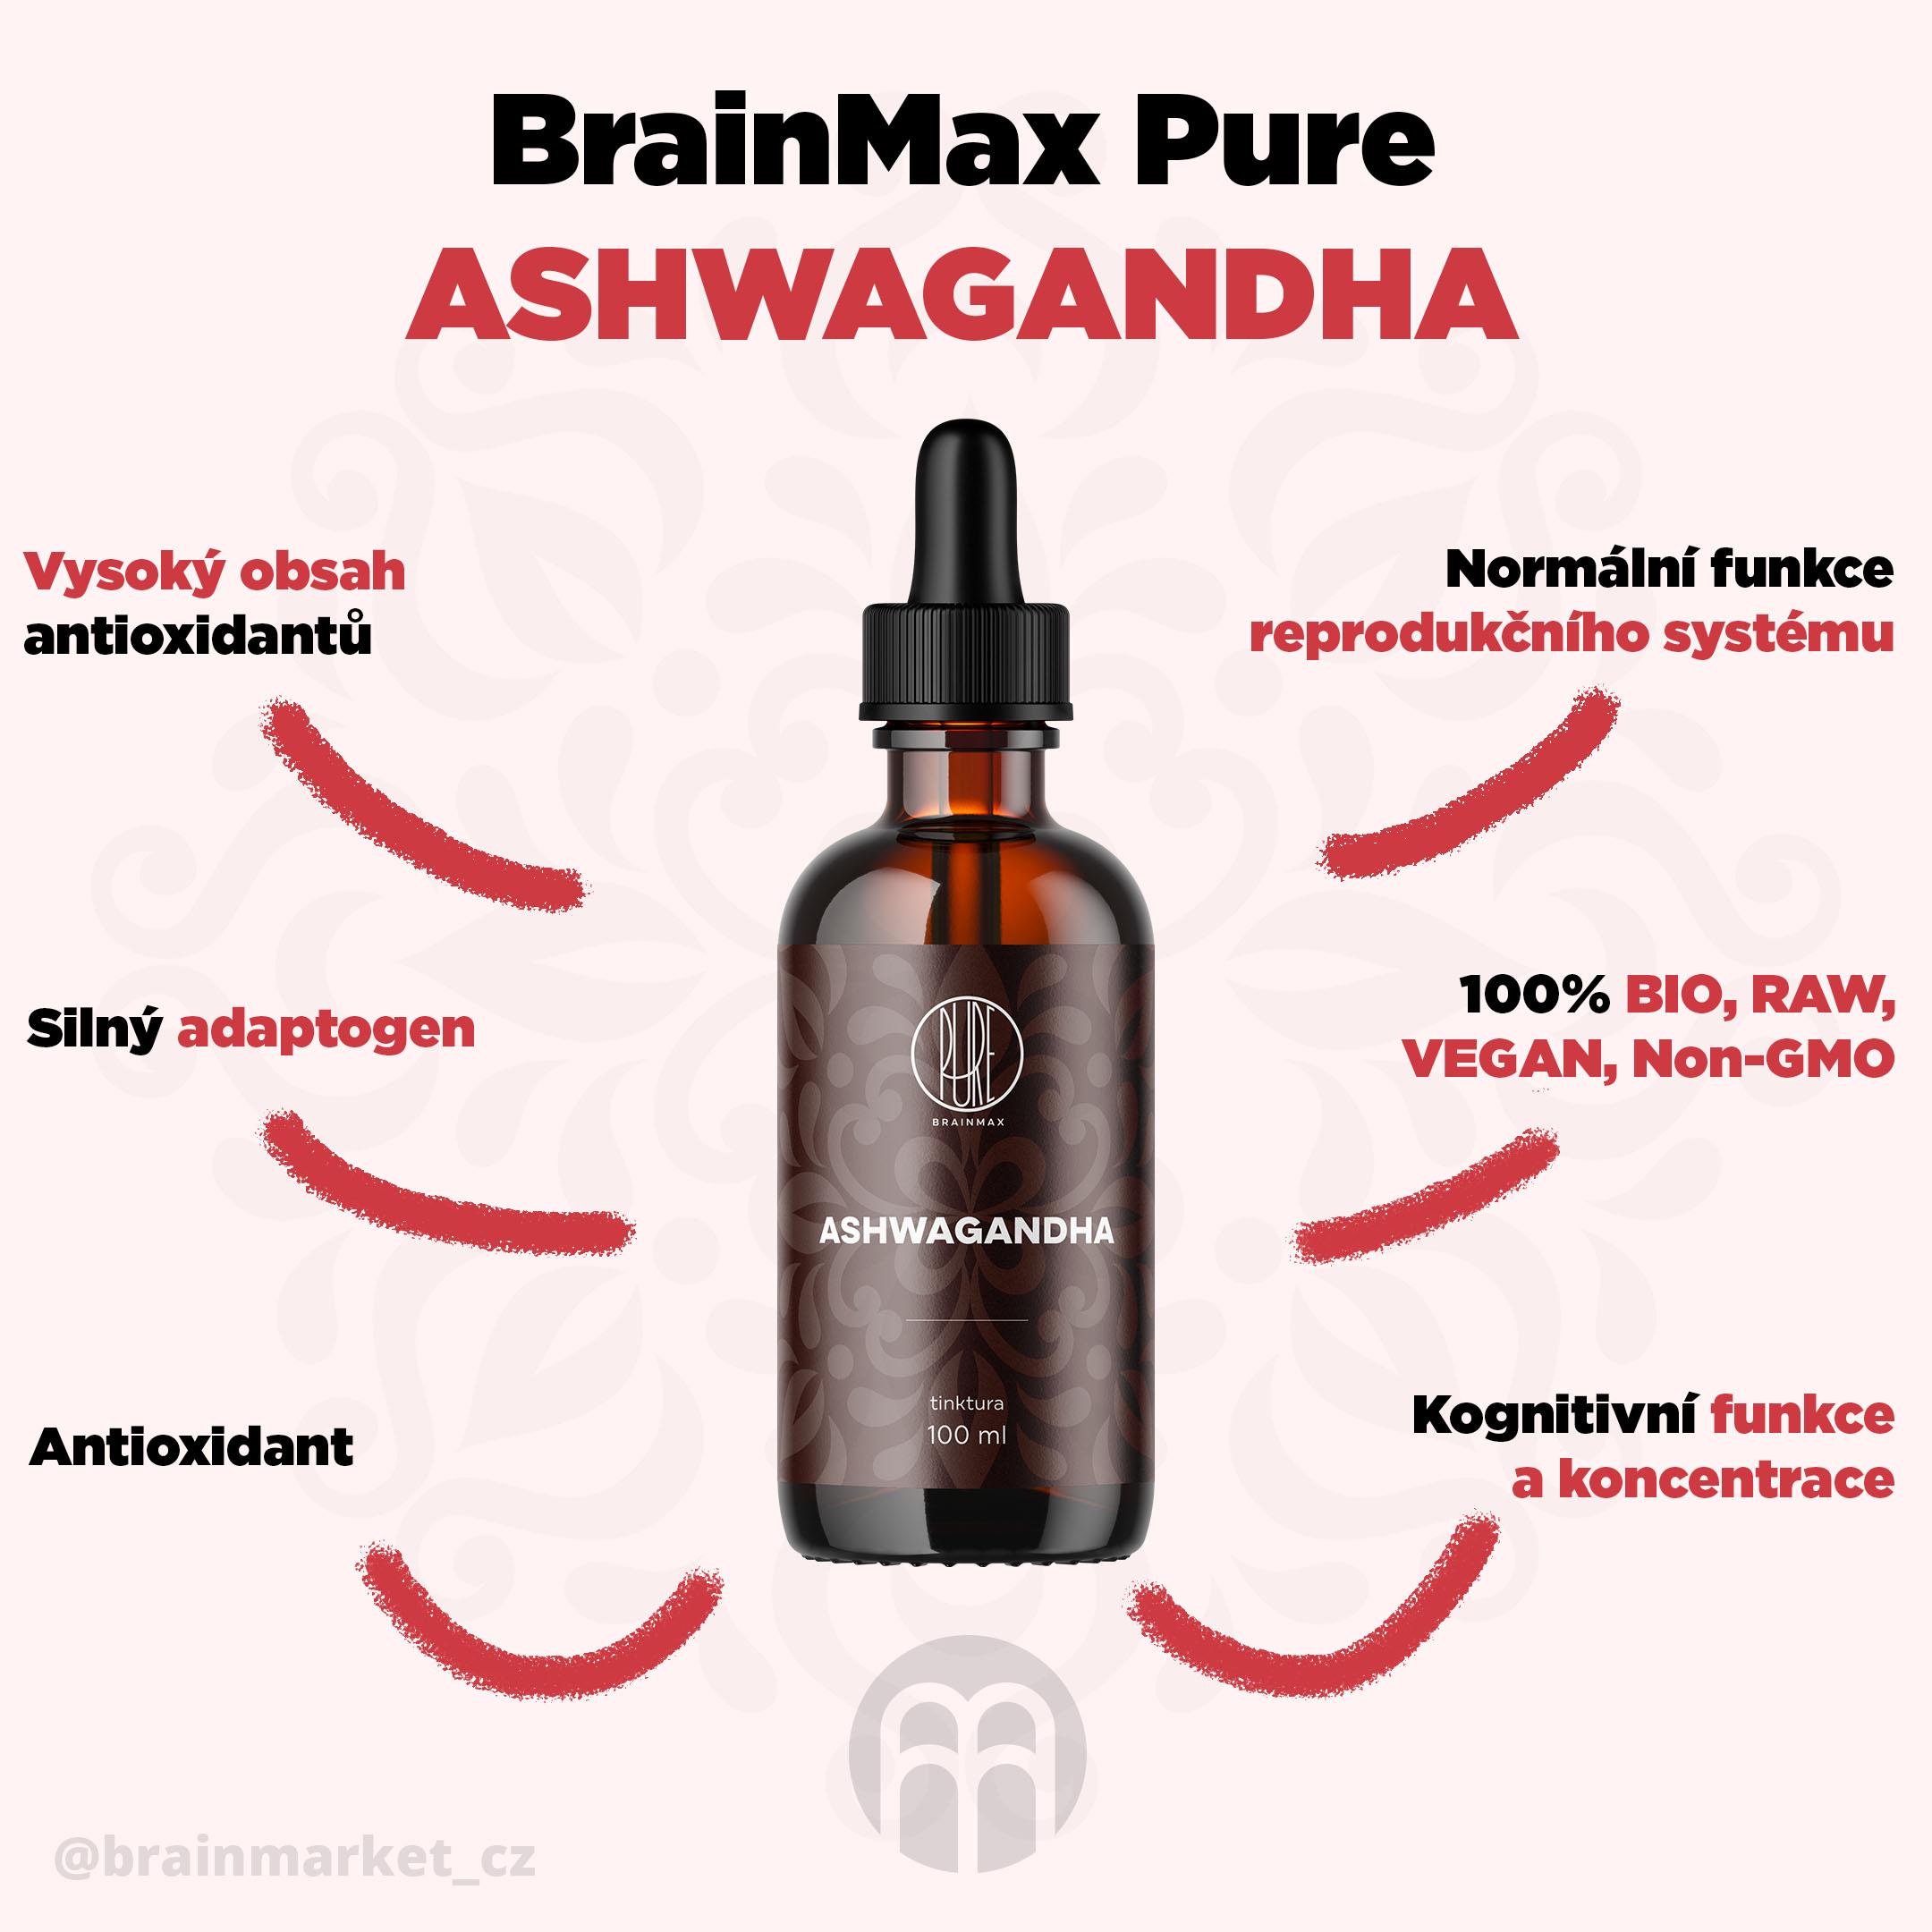 ashwagandha_infografika_brainmarket_cz